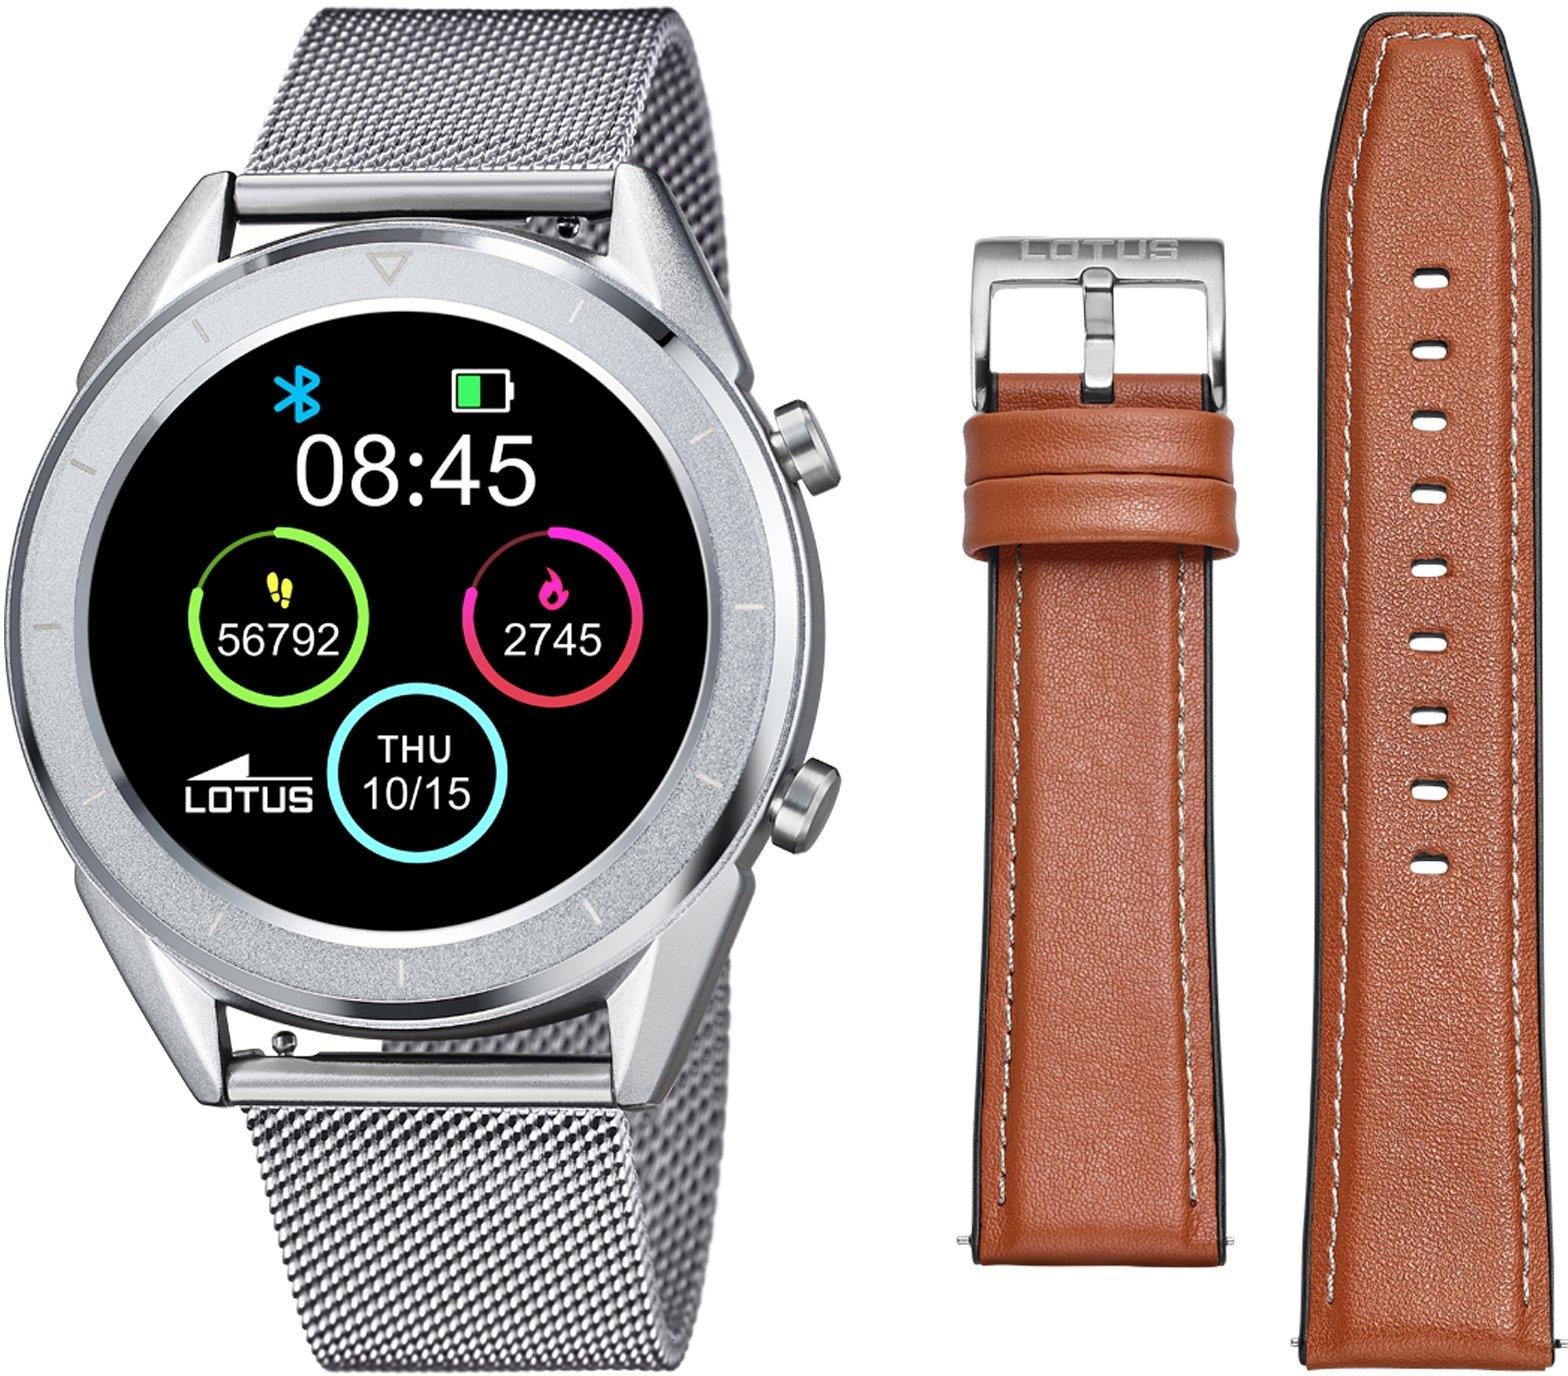 Lotus smartwatch »Smartime, 50006/1« (Met wisselband van echt leer en oplaadkabel) voordelig en veilig online kopen